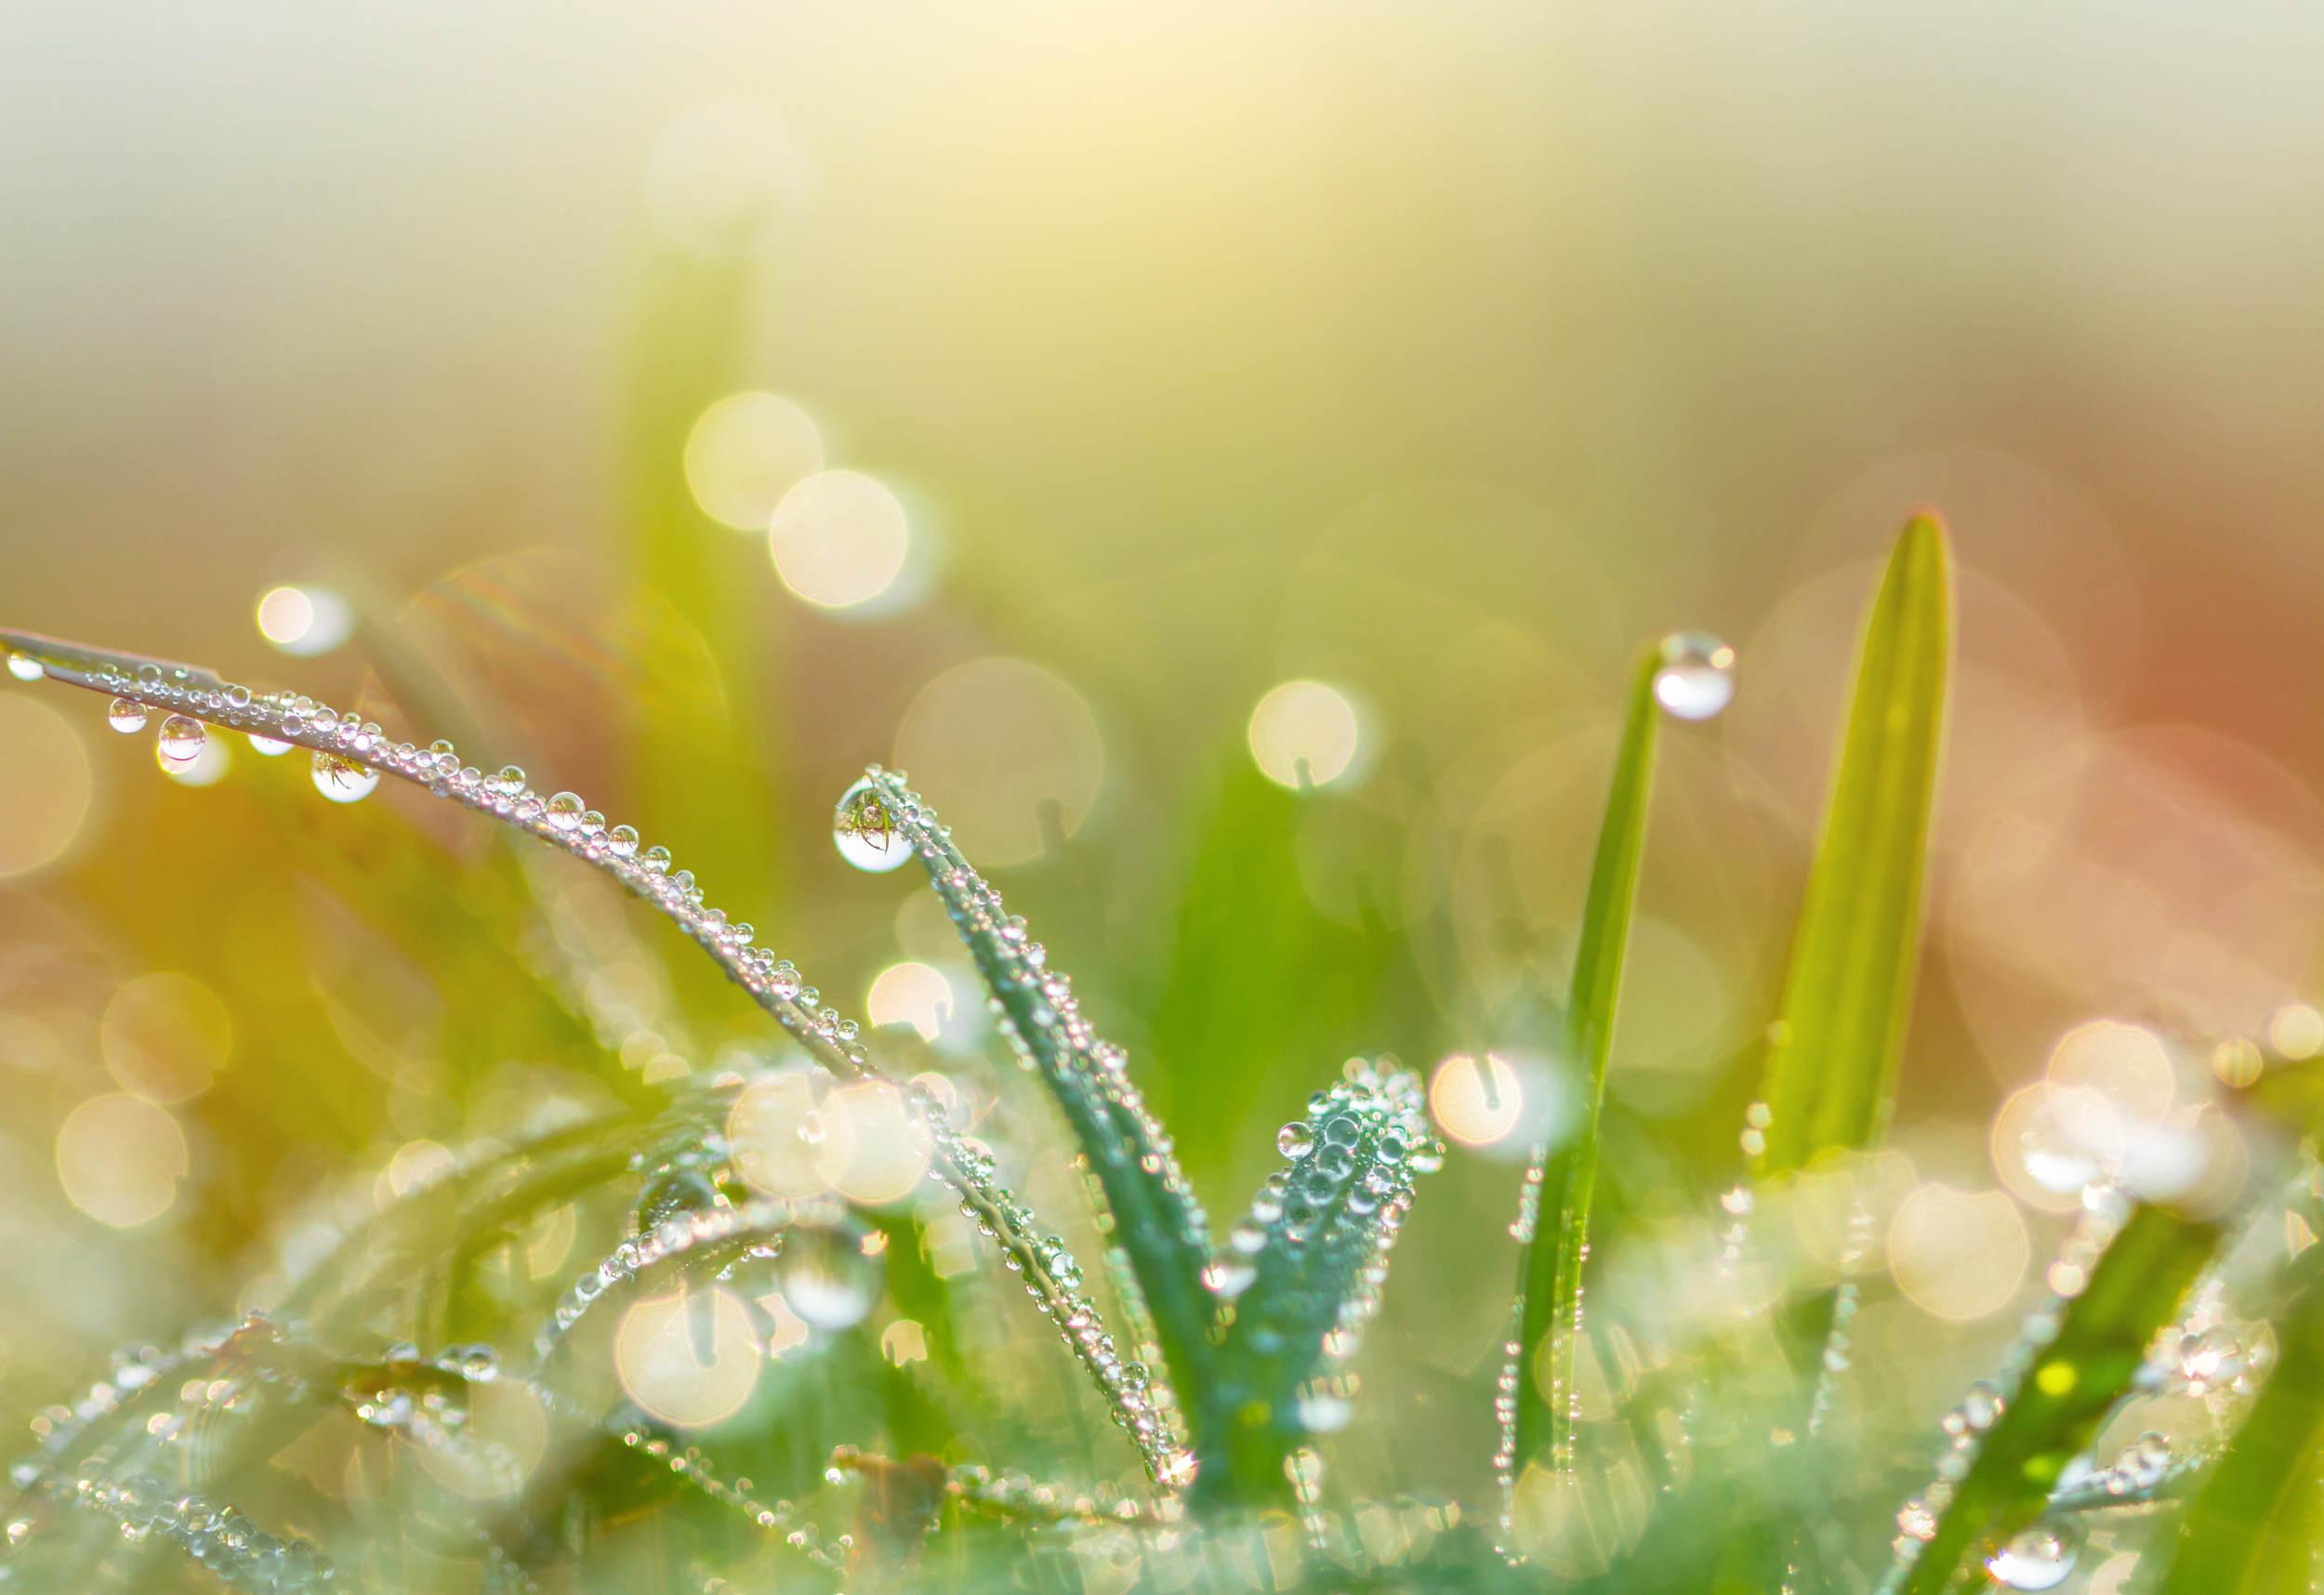 雨水时节 气温回暖雨量渐增 养生要调脾胃防流感